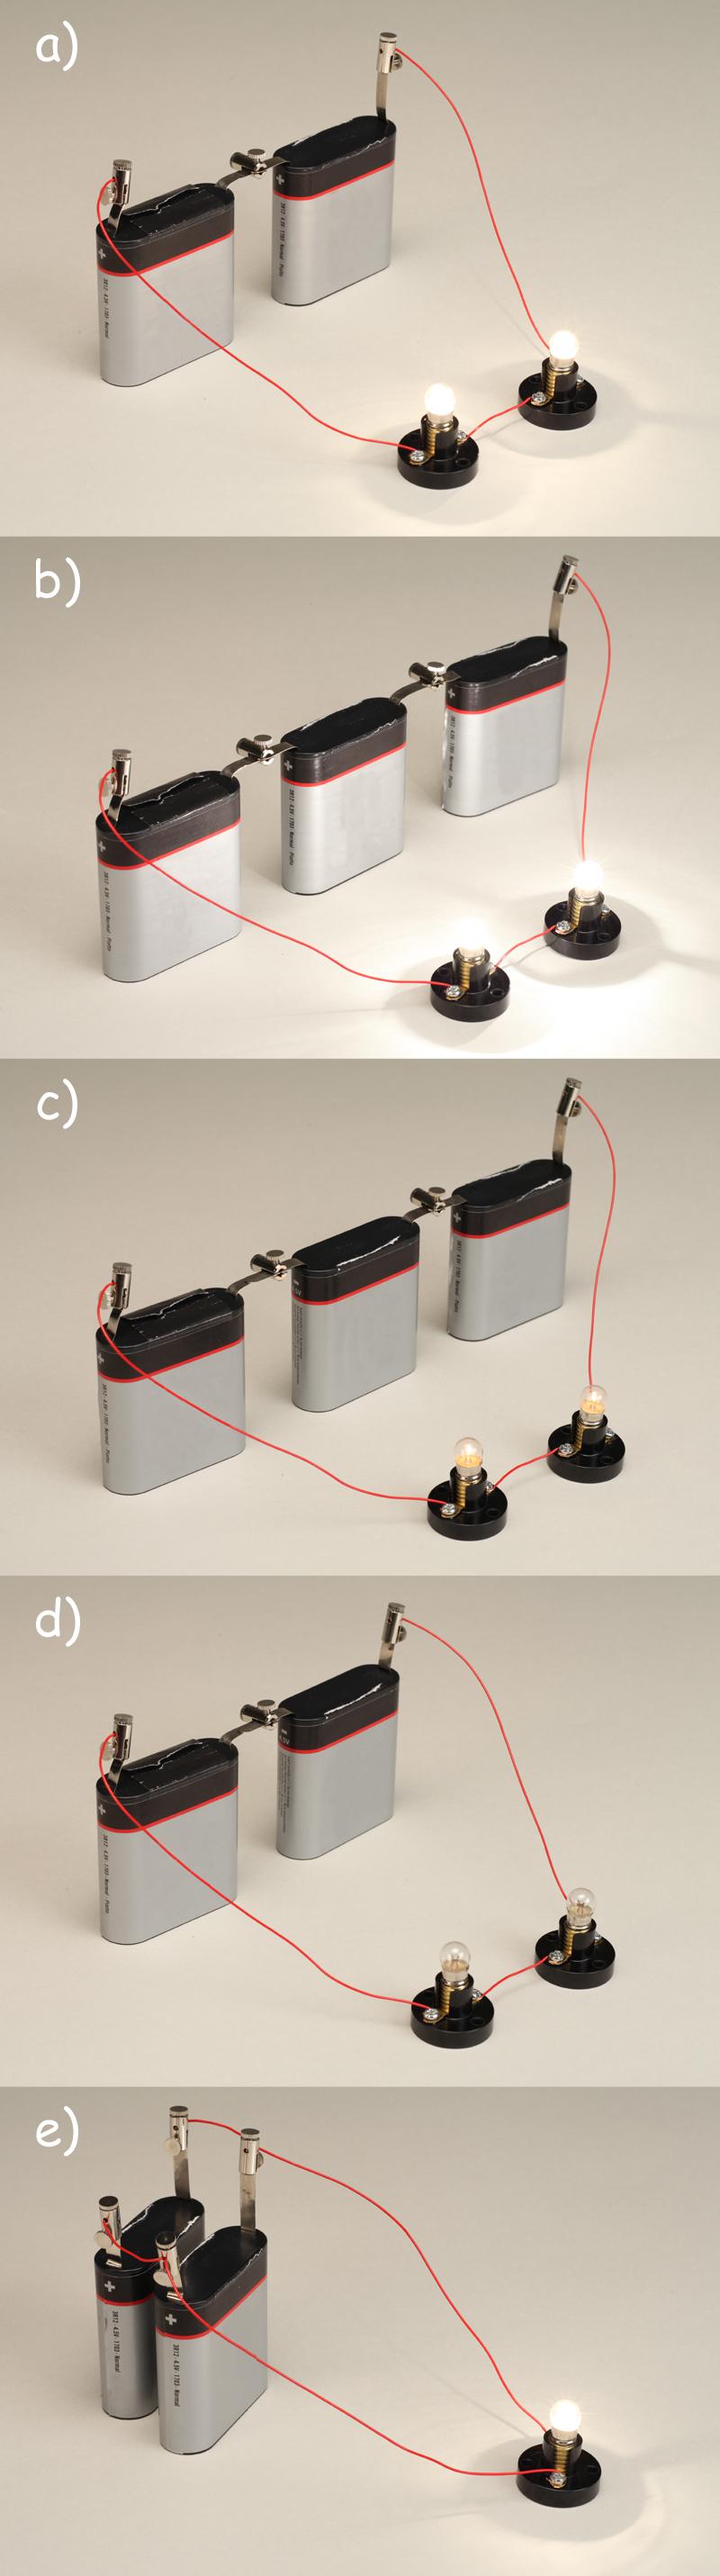 Allgemeines über elektrische Stromkreise